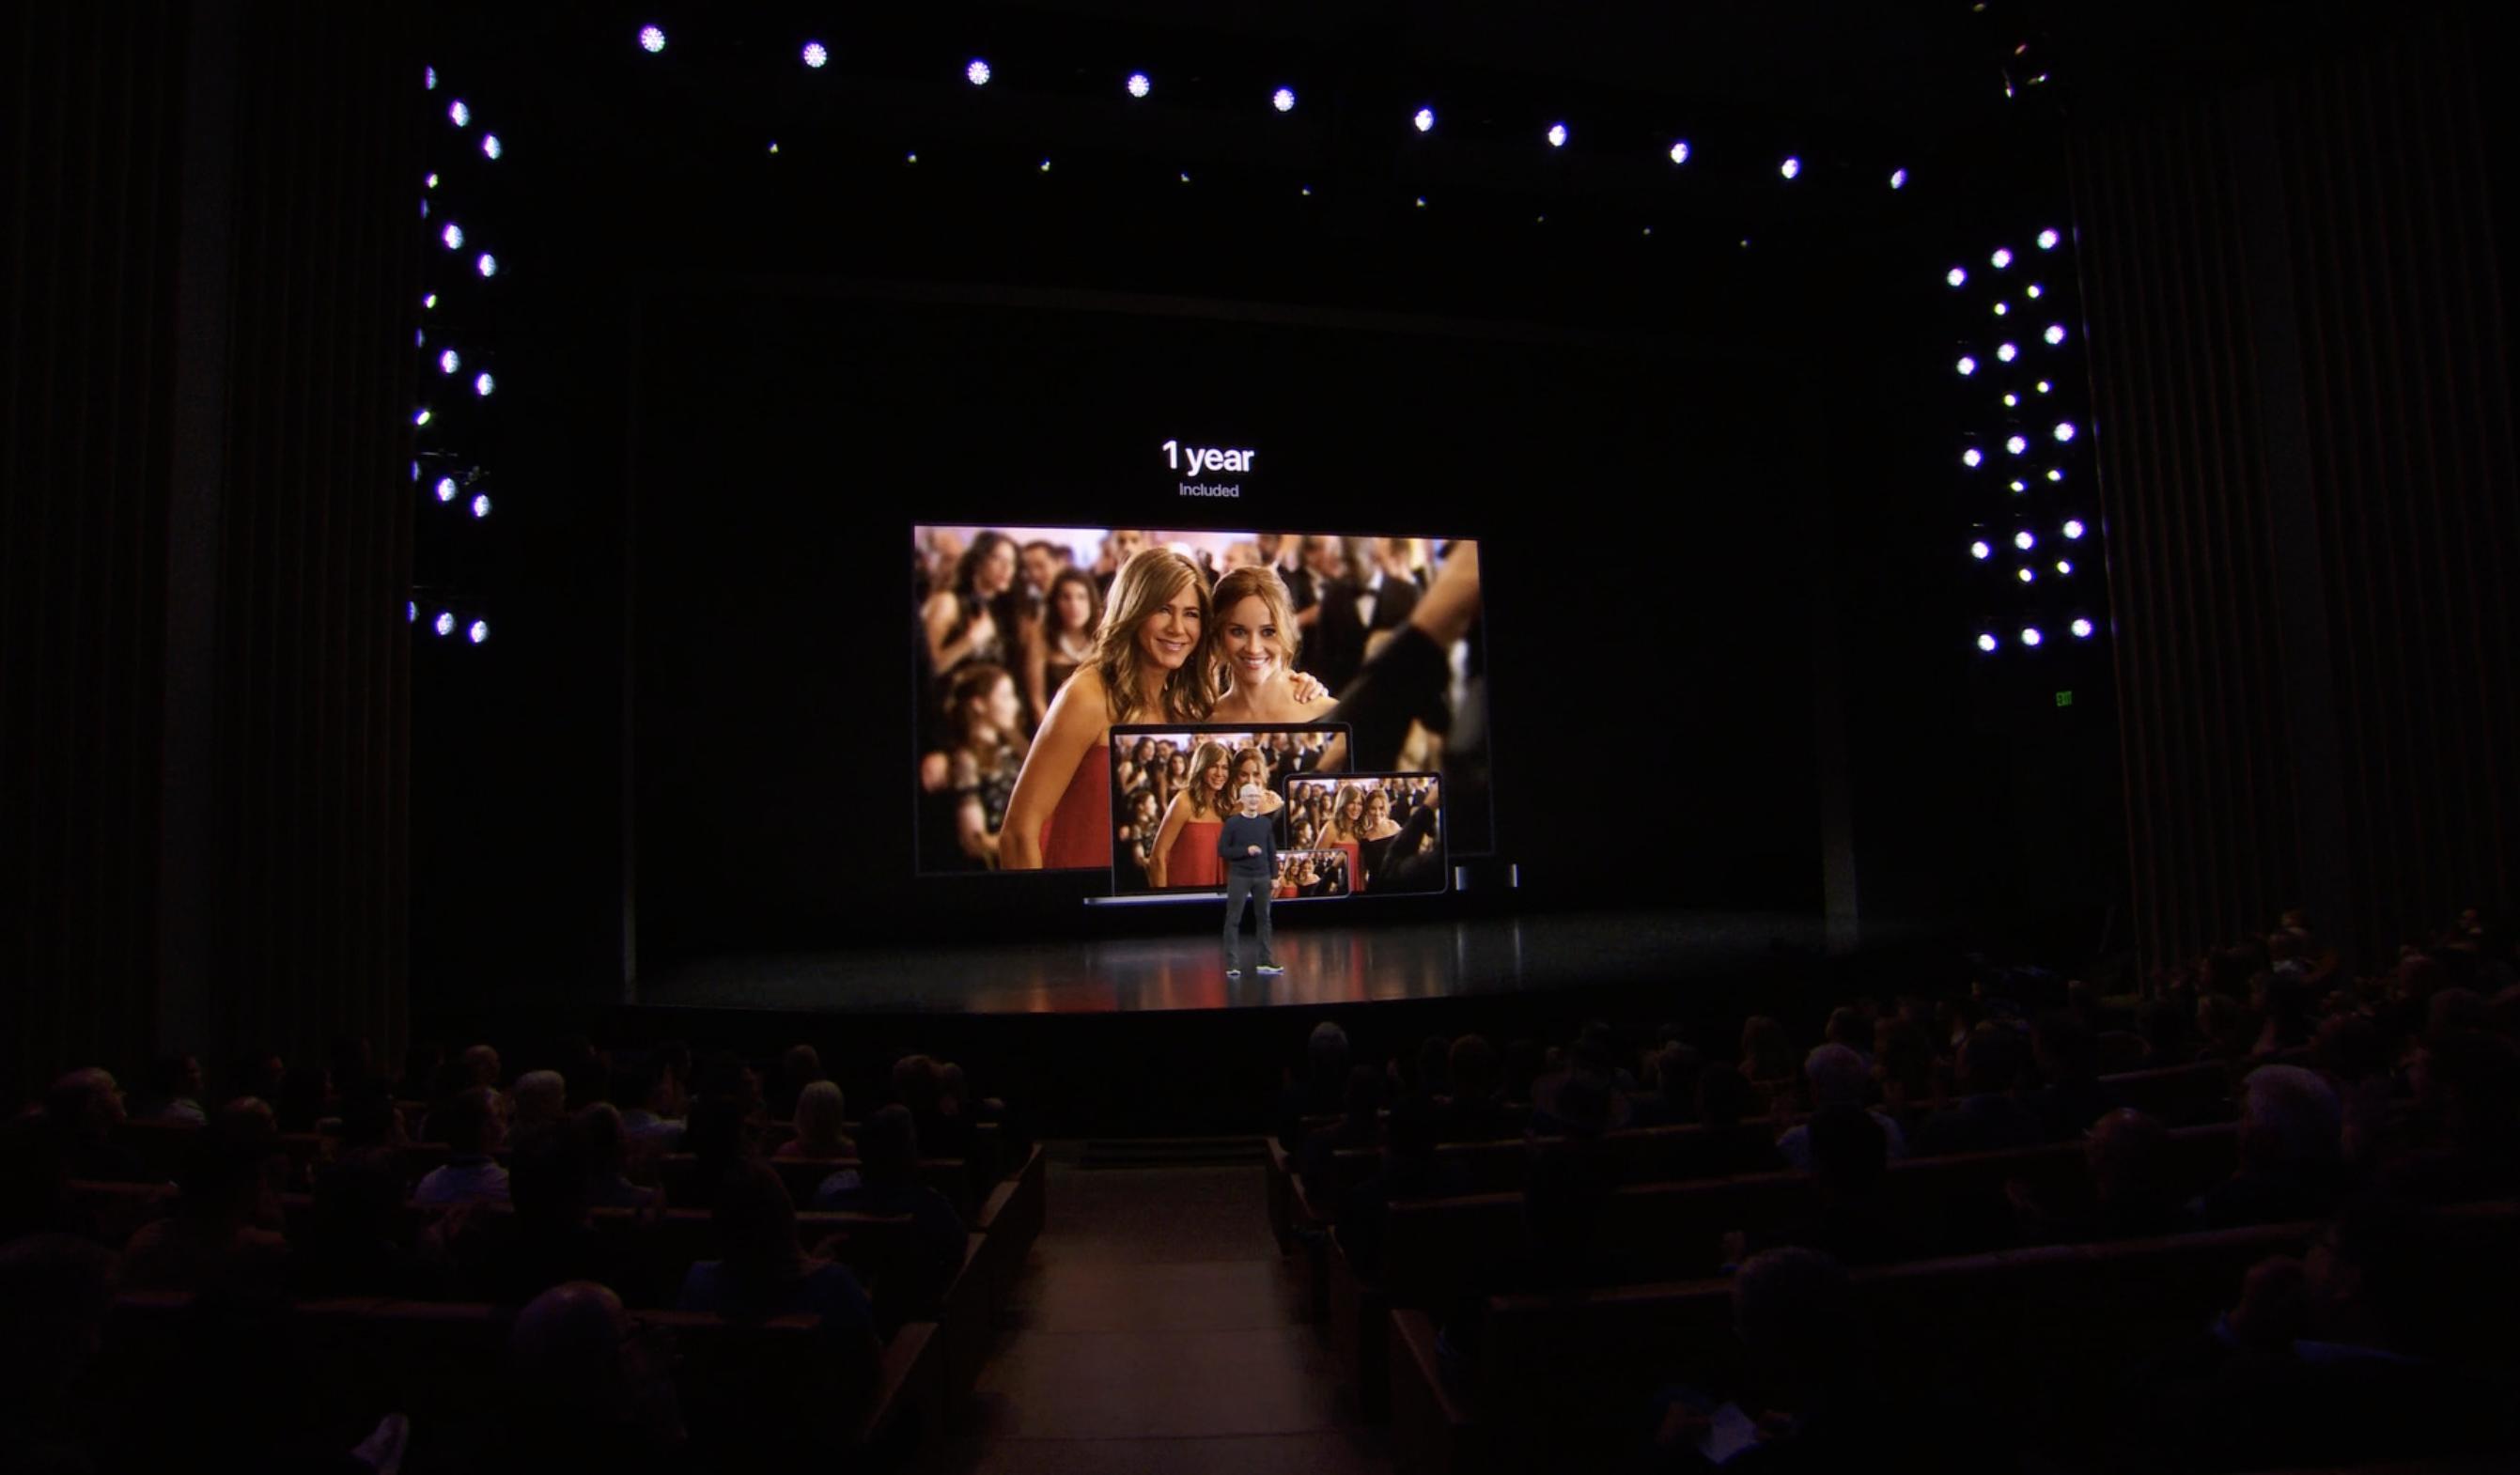 Un año gratis de Apple TV+ al comprar cualquier producto de Apple (Keynote)